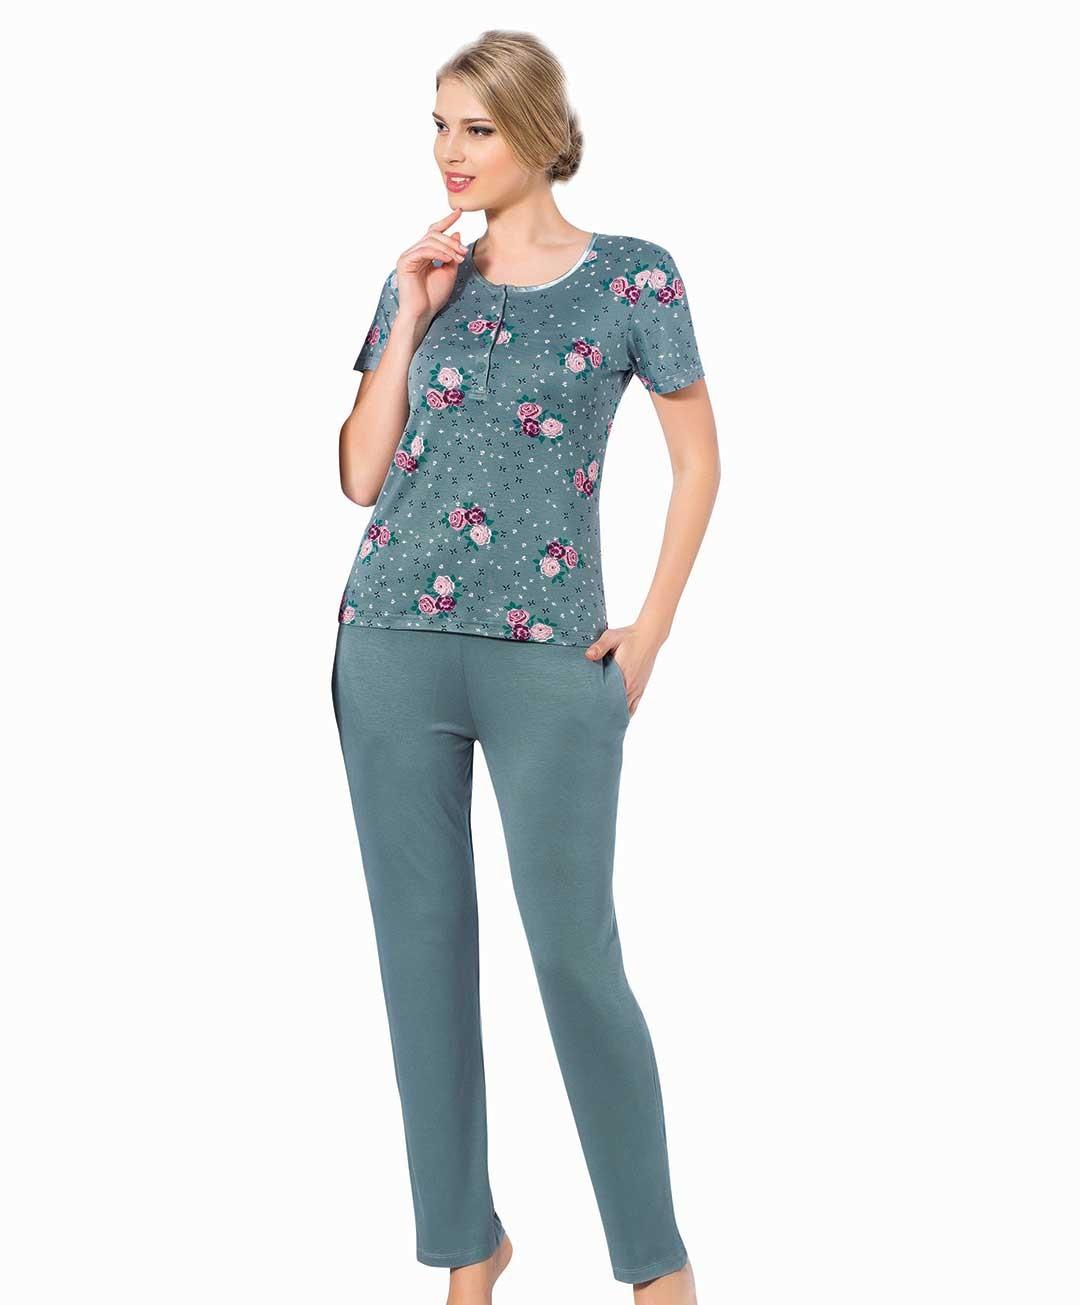 بالصور بيجامات نوم , احدث المودلات لملابس النوم 2852 5